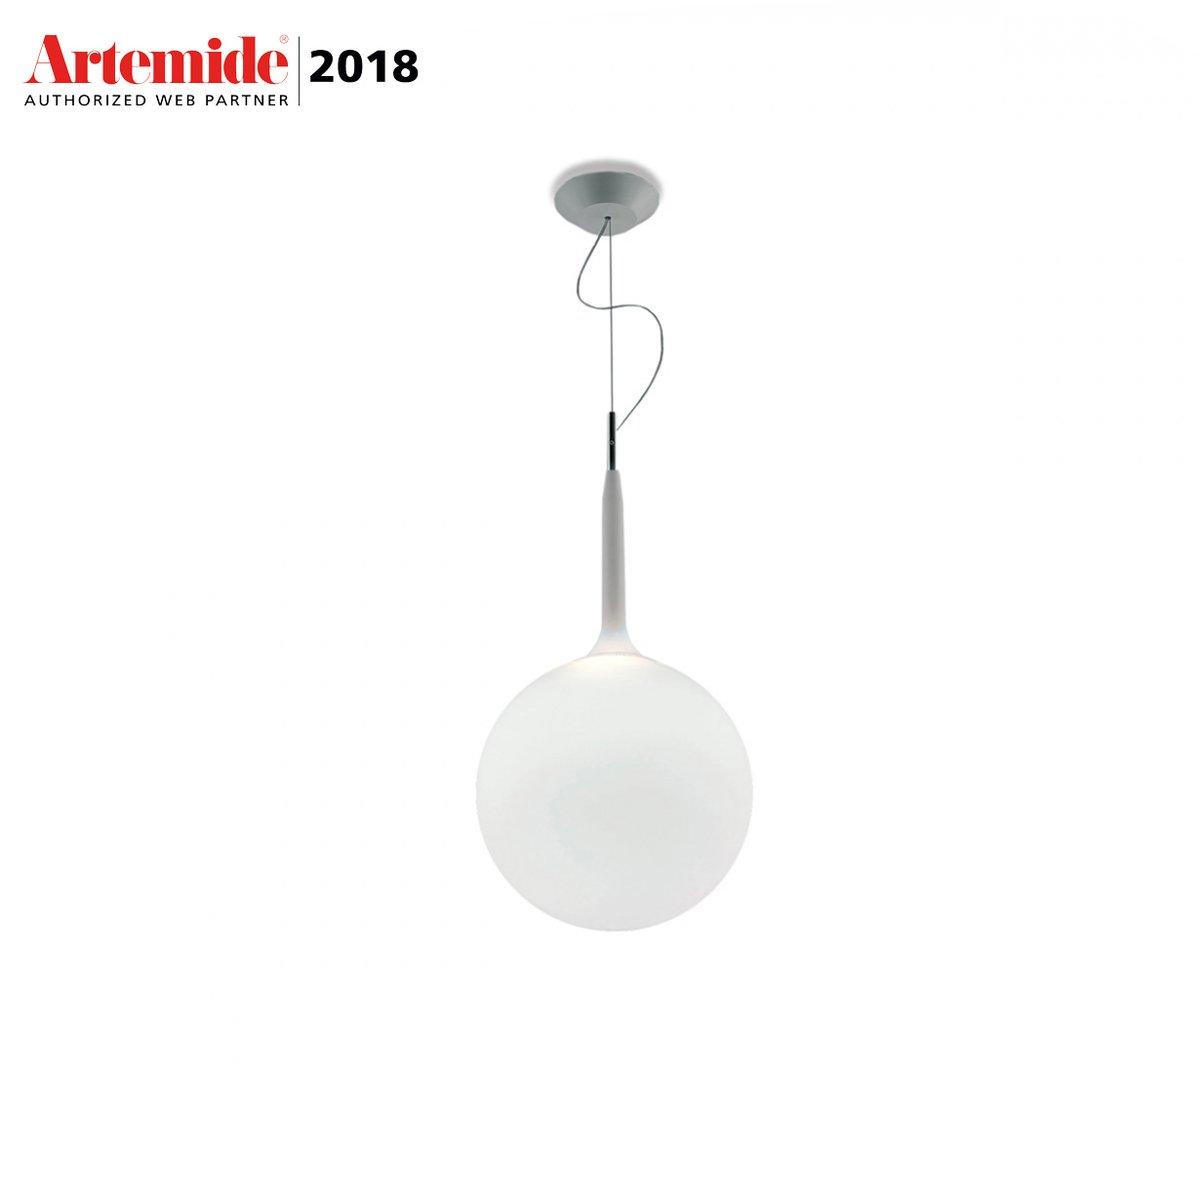 Lampadario Con Punto Luce Decentrato lampadario castore 35 cm by artemide | lovethesign